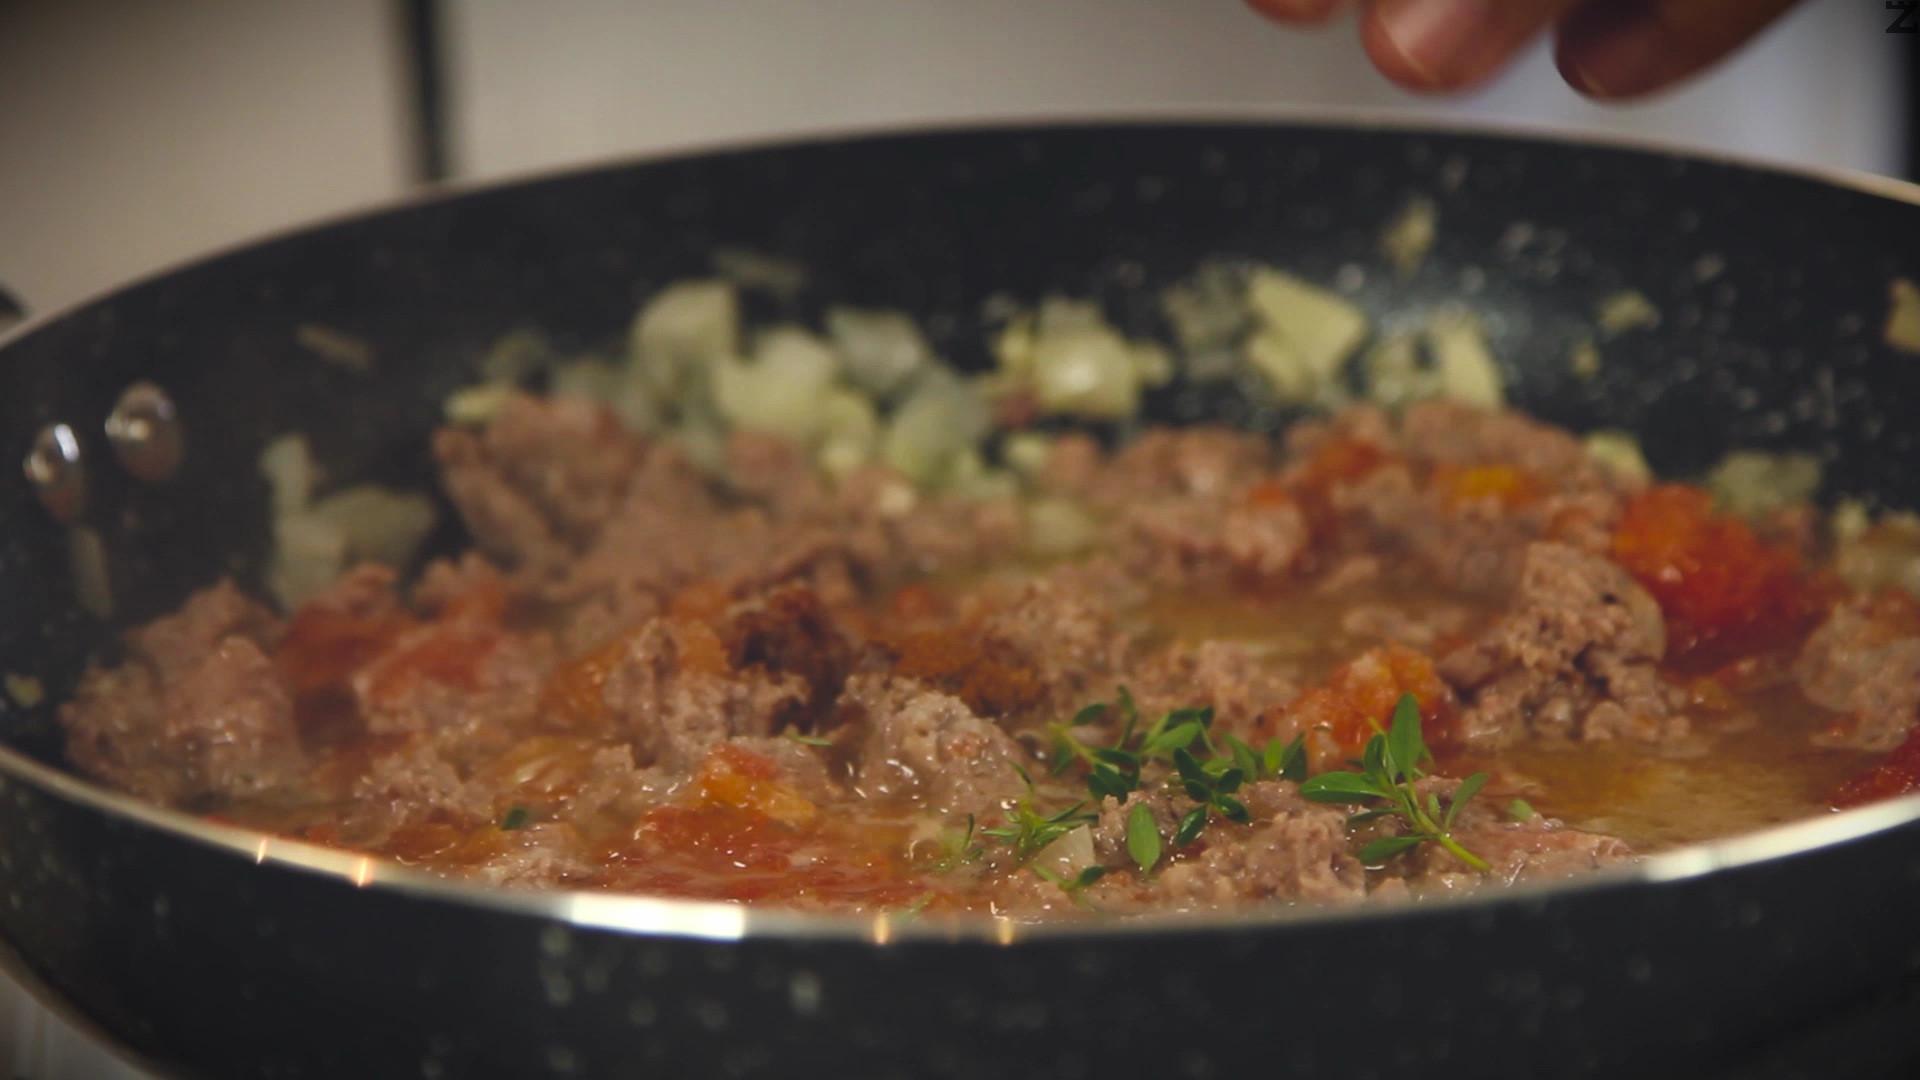 Лукът и чесънът се нарязват наситно и запържват за минута в 3 с.л. зехтин. Добавя се каймата и пържи за минута като се бърка за да стане на трохи. Посолява се с 1 ч.л. сол, подправя се с канела и риган и се слагат доматите. Задушава се под капак на слаб огън за 15 минути.